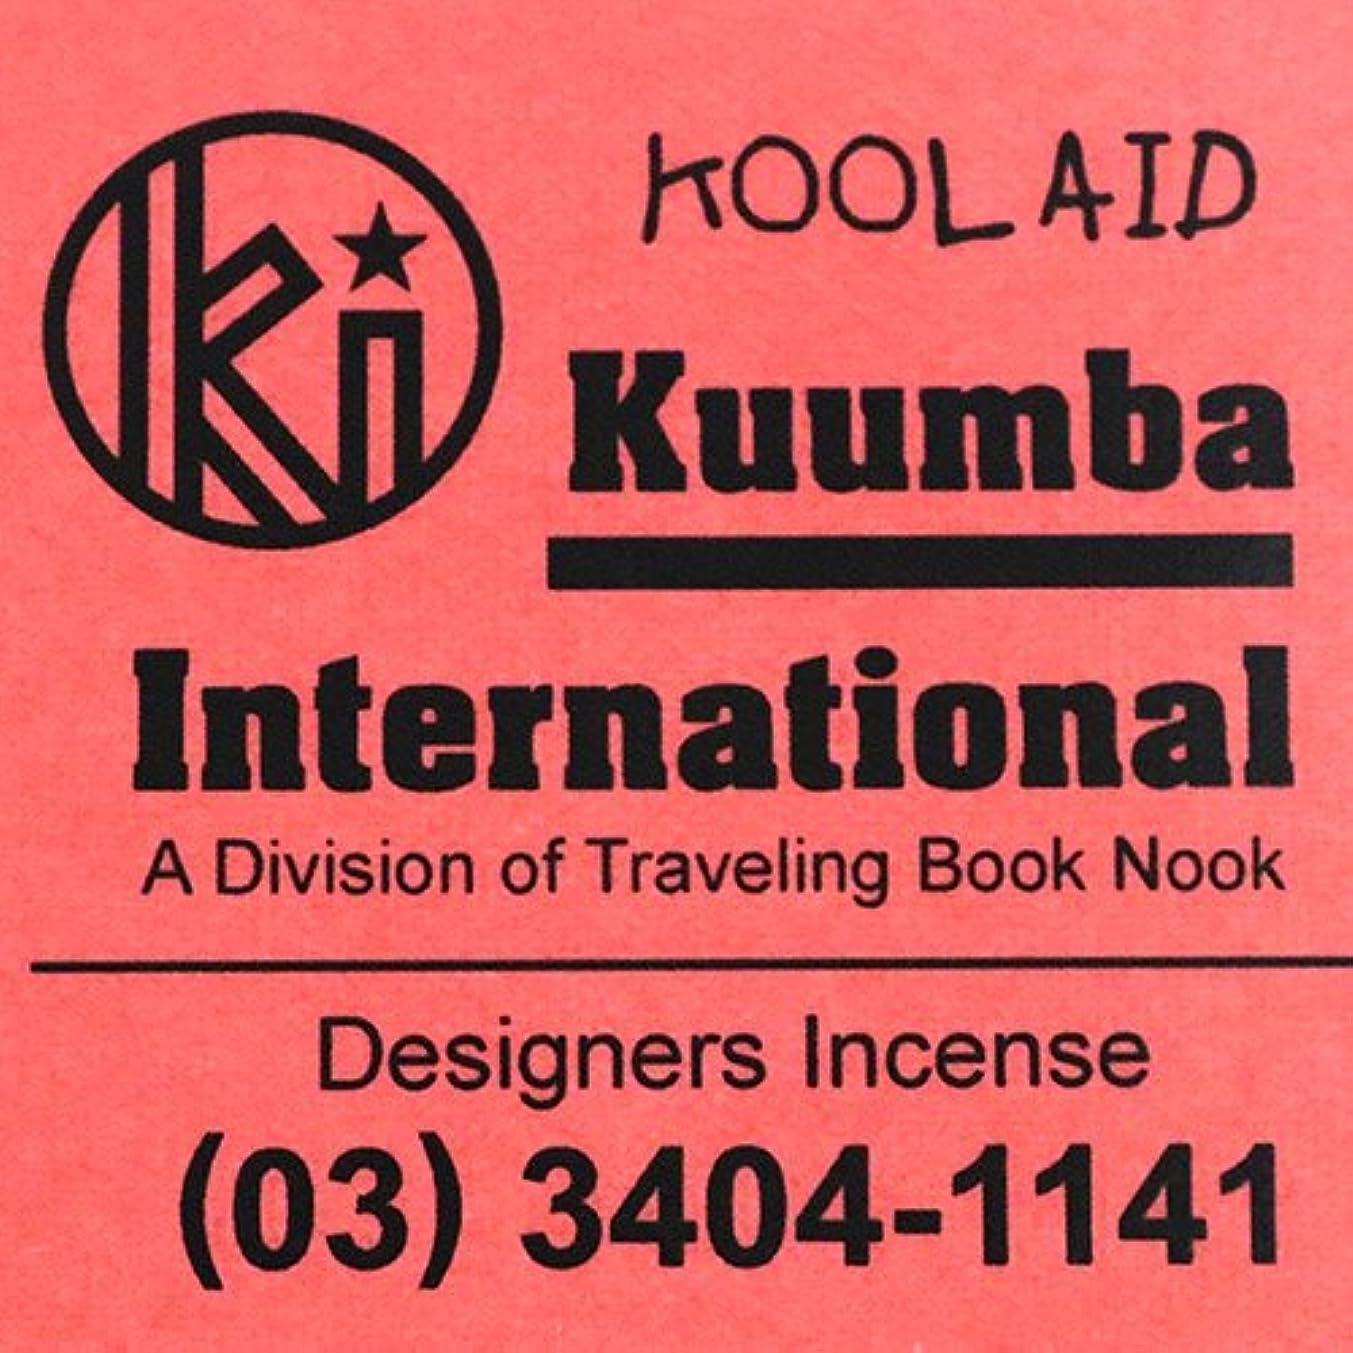 革命二十タール(クンバ) KUUMBA『incense』(KOOL AID) (Regular size)